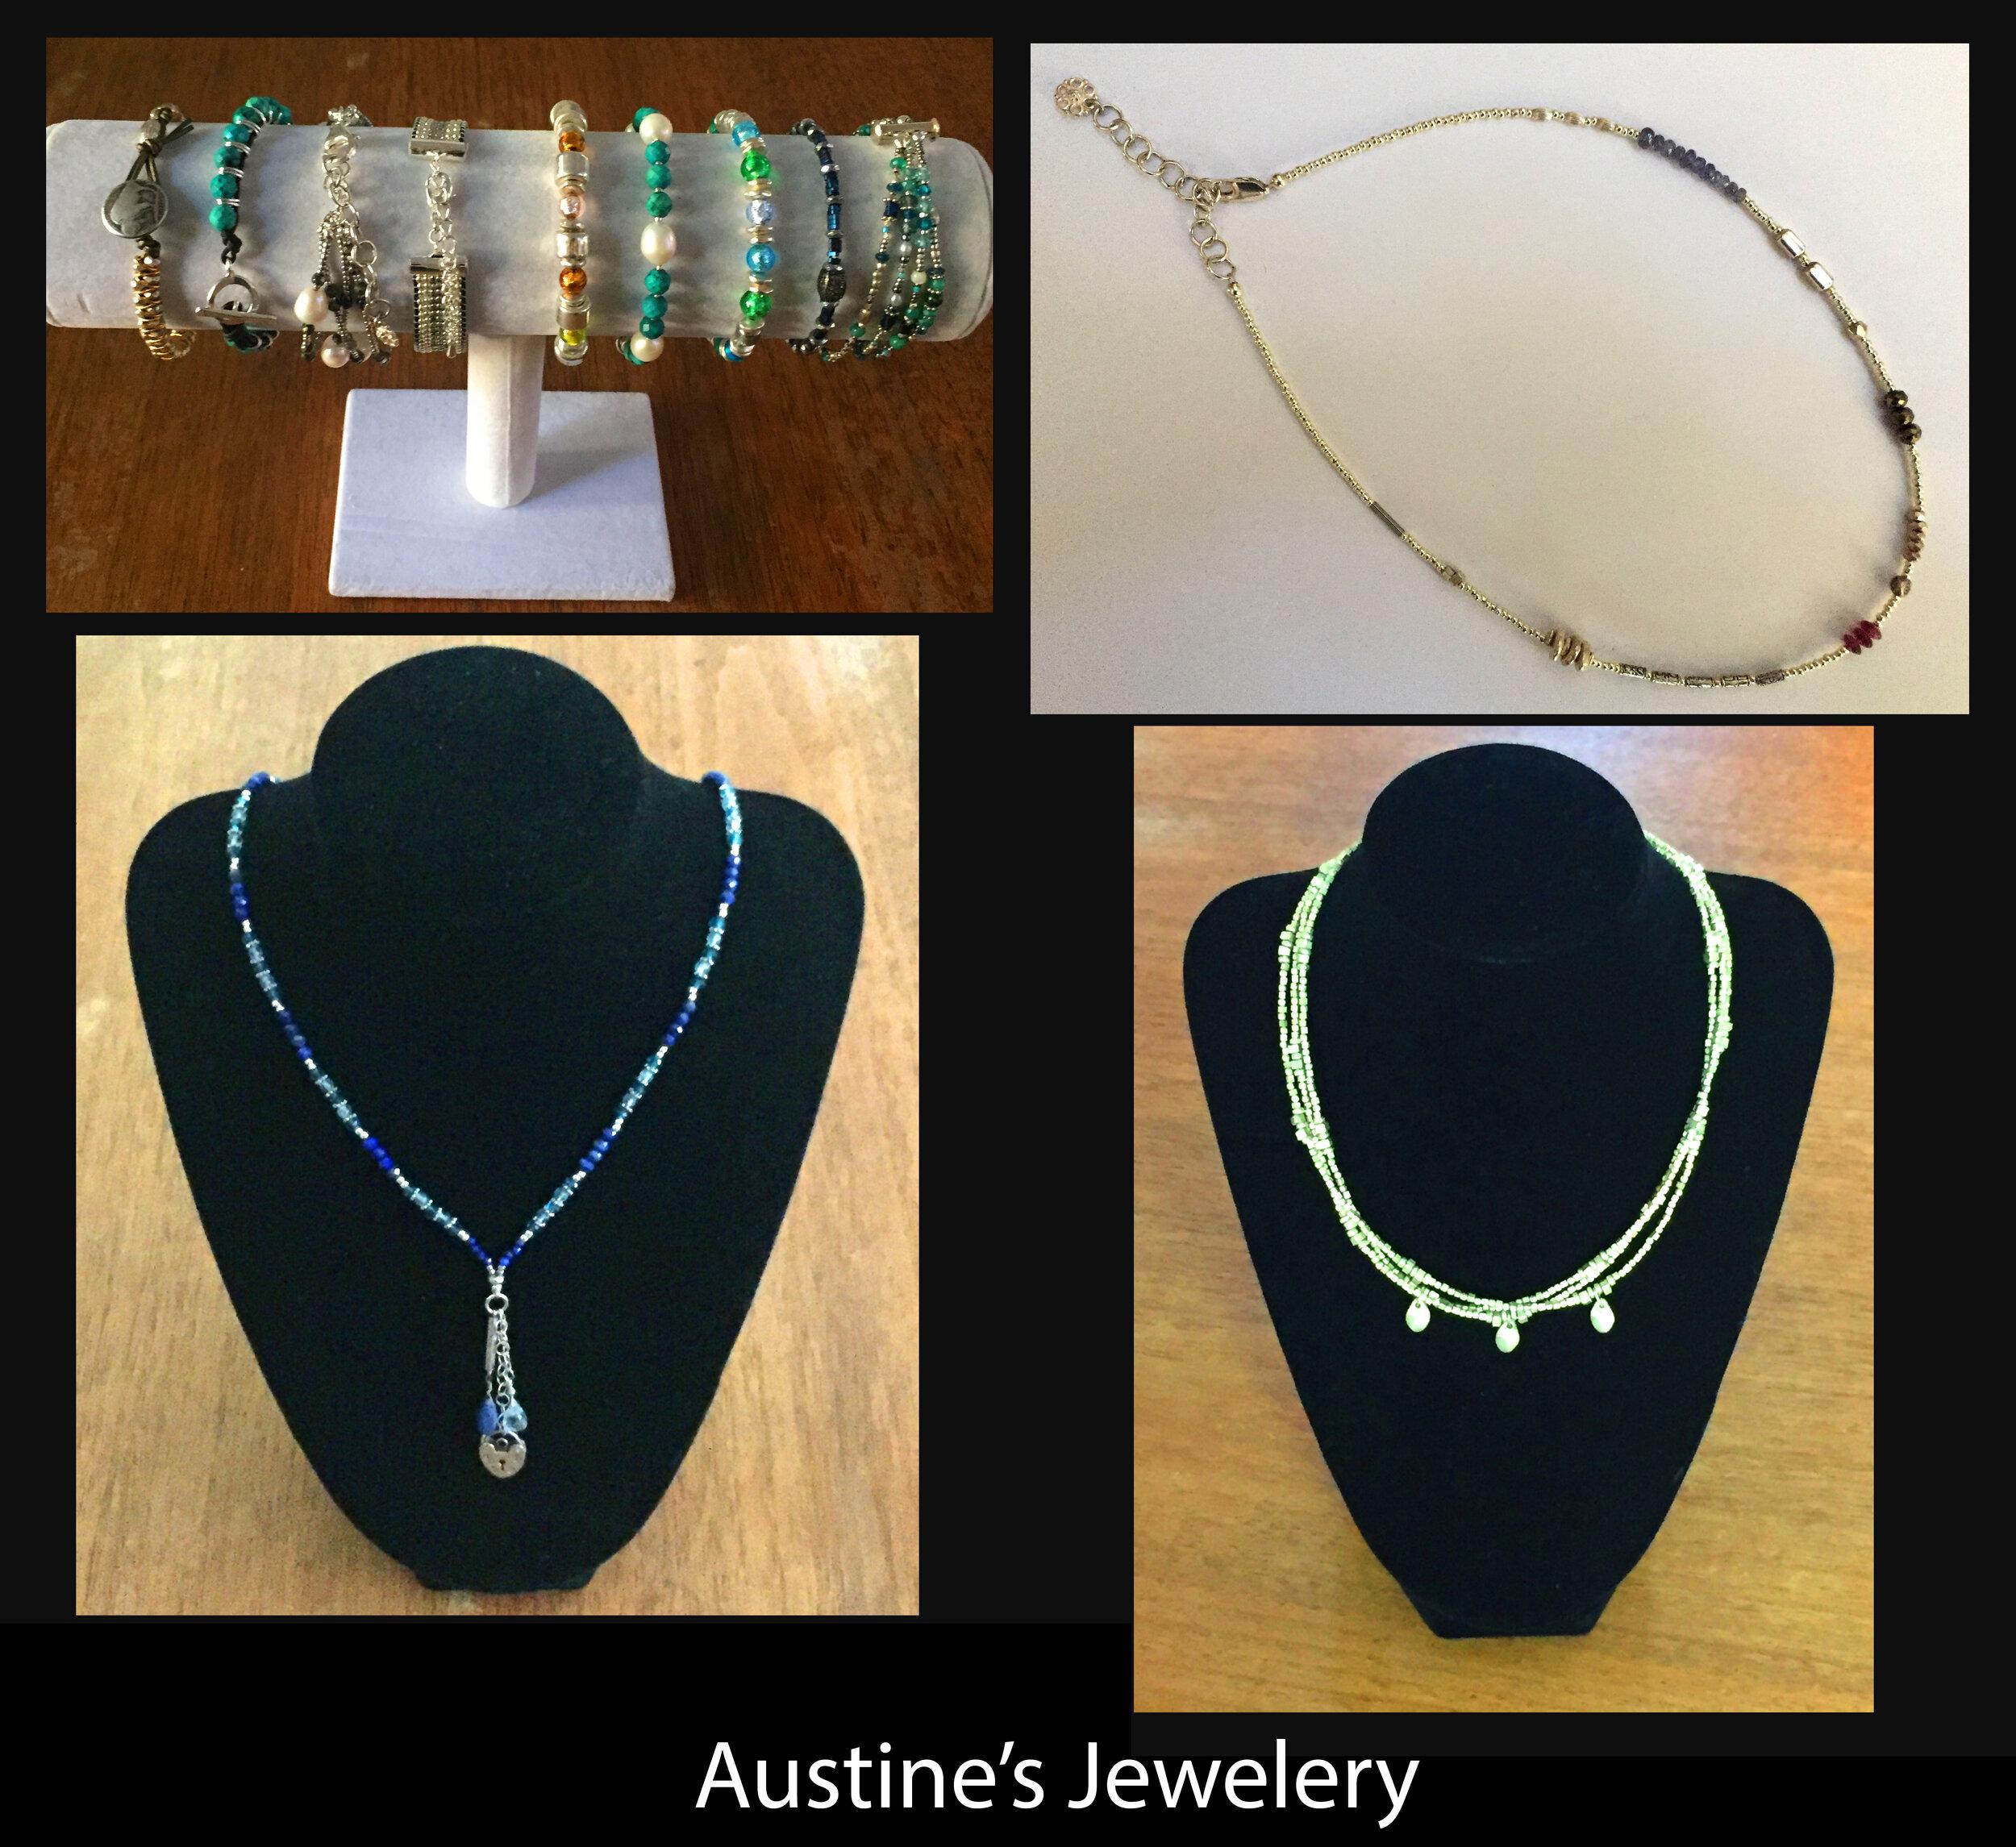 Austine's Jewelry